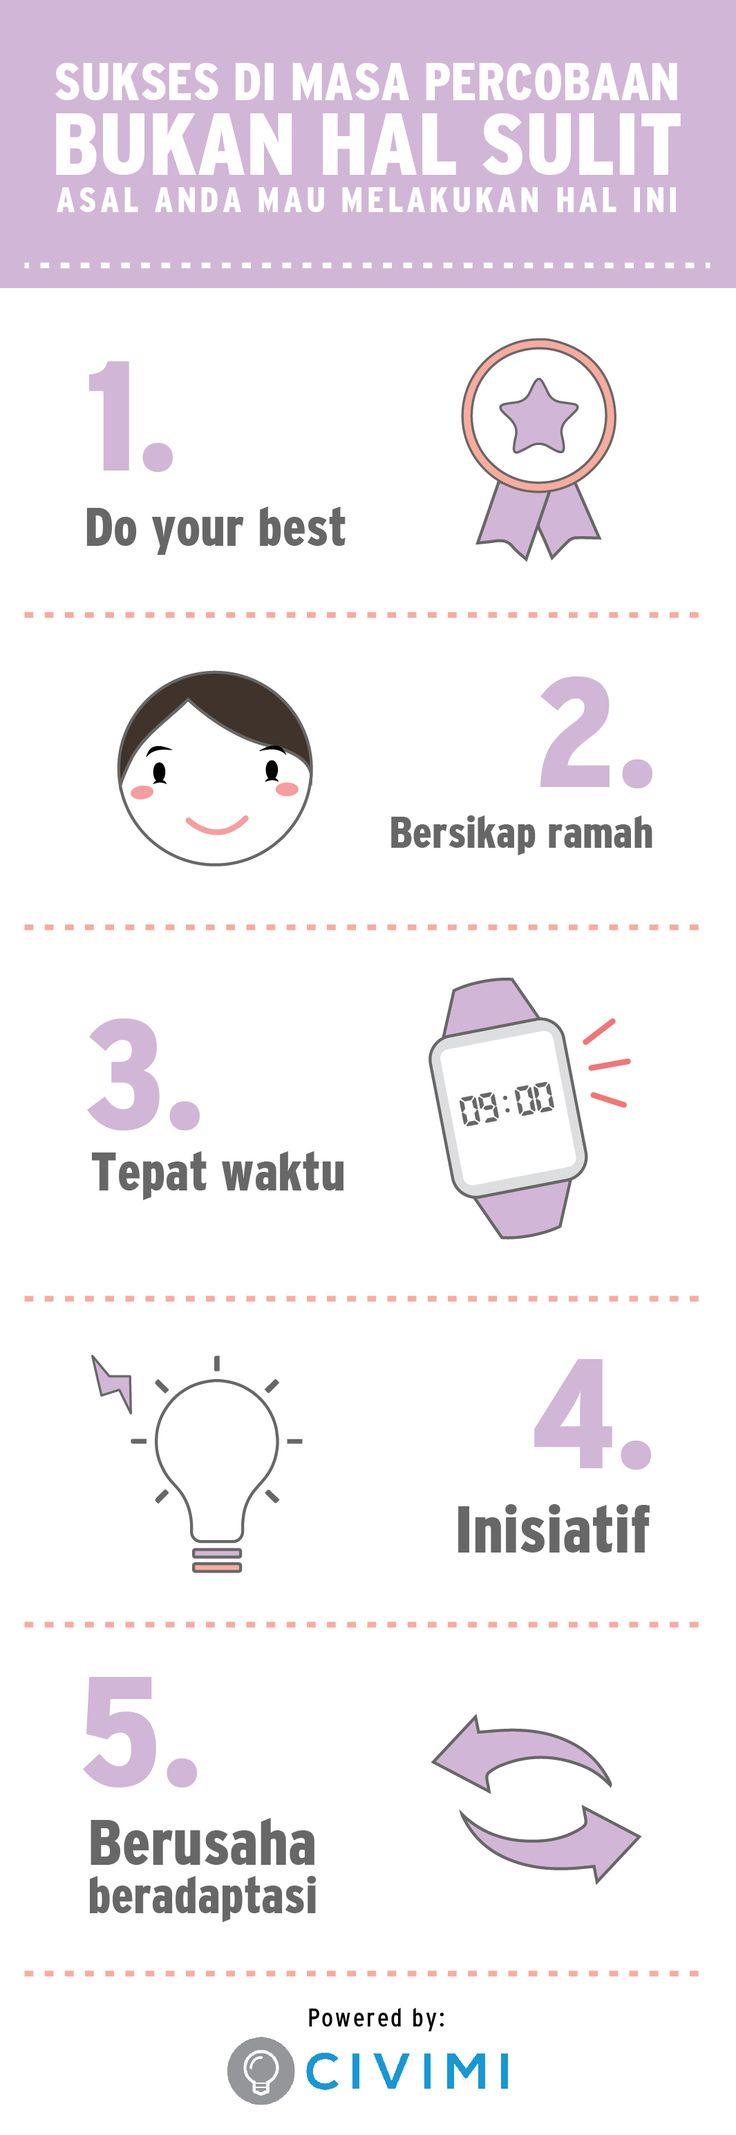 Sukses di Masa Percobaan Bukan Hal Sulit Asal Anda Mau Melakukan 5 Hal Ini (Infographic)